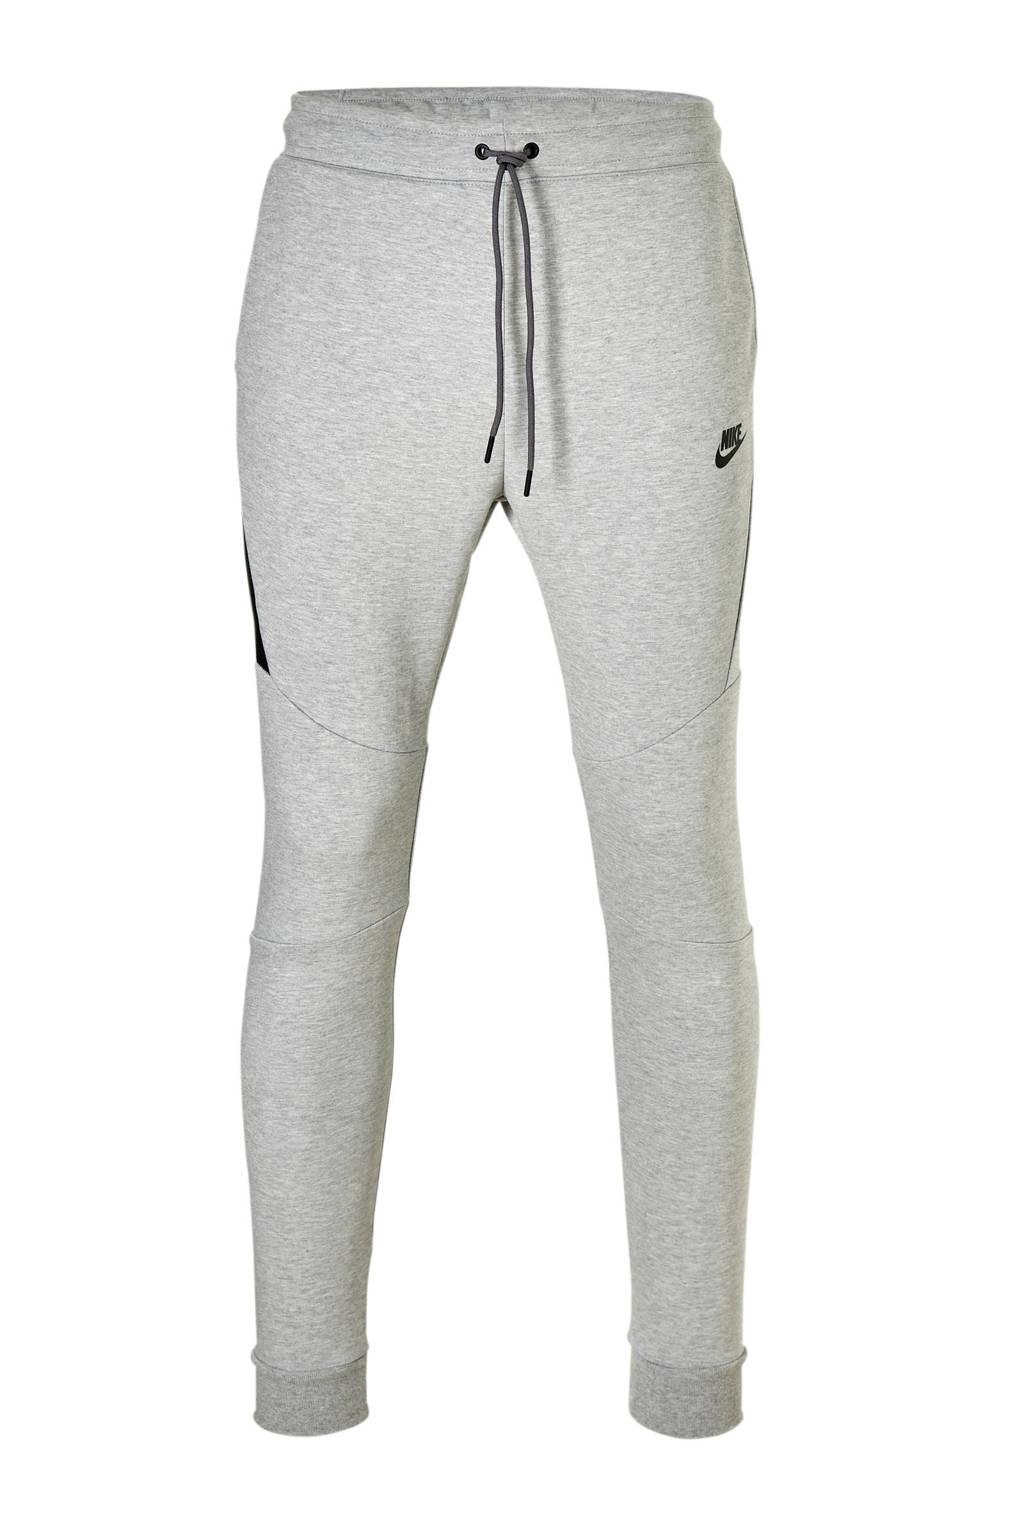 Nike Tech Fleece joggingbroek, Grijs melange